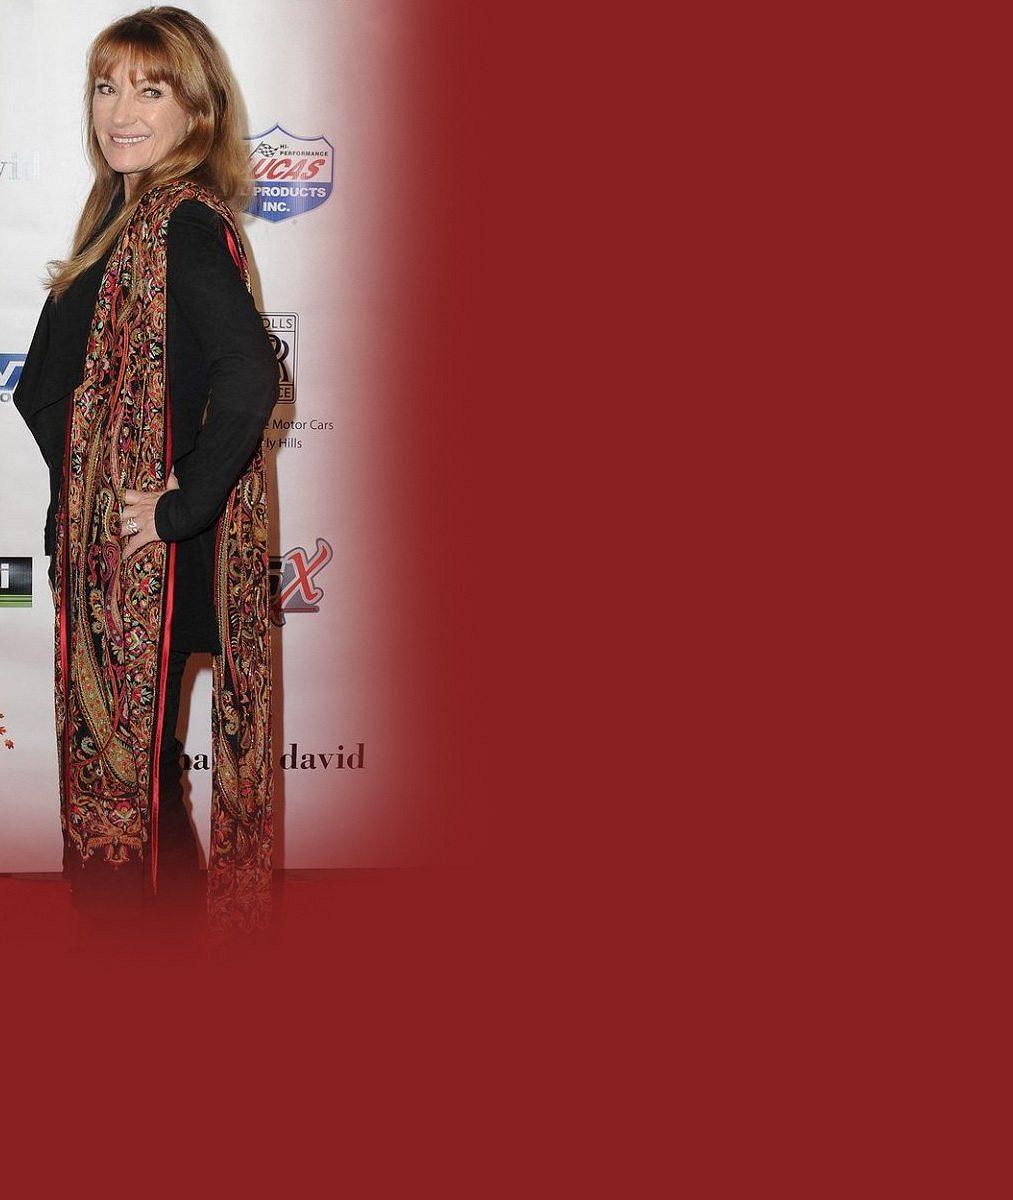 Doktorka Quinnová je stále ozdobou červeného koberce: Takhle senzačně vypadá v 65 letech